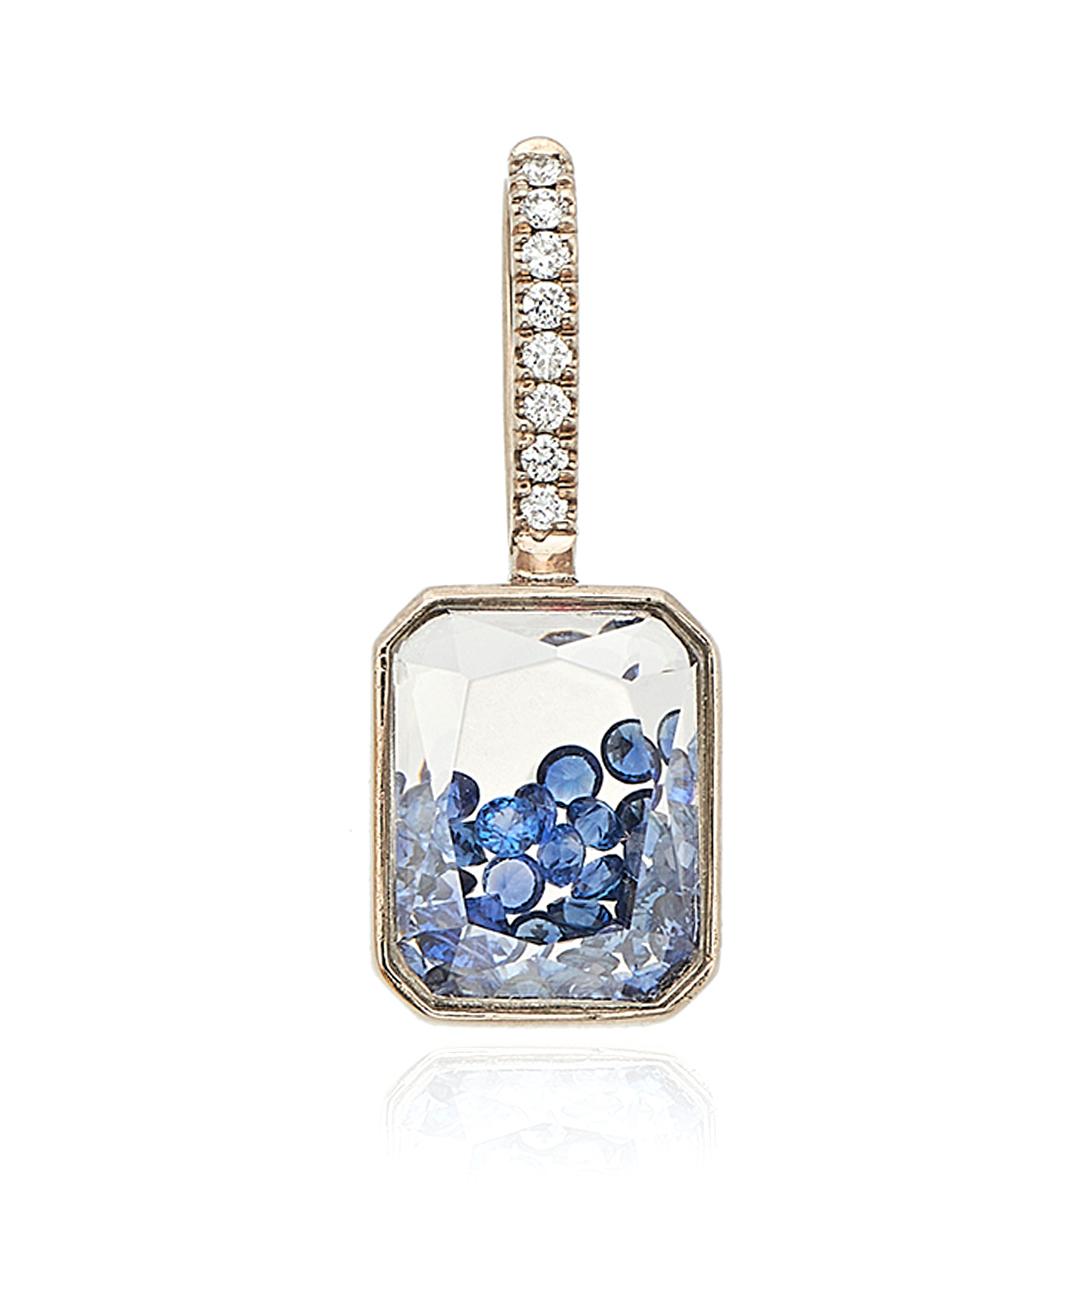 best-september-birthstone-jewellery-for-september-birthdays-mortiz-glik